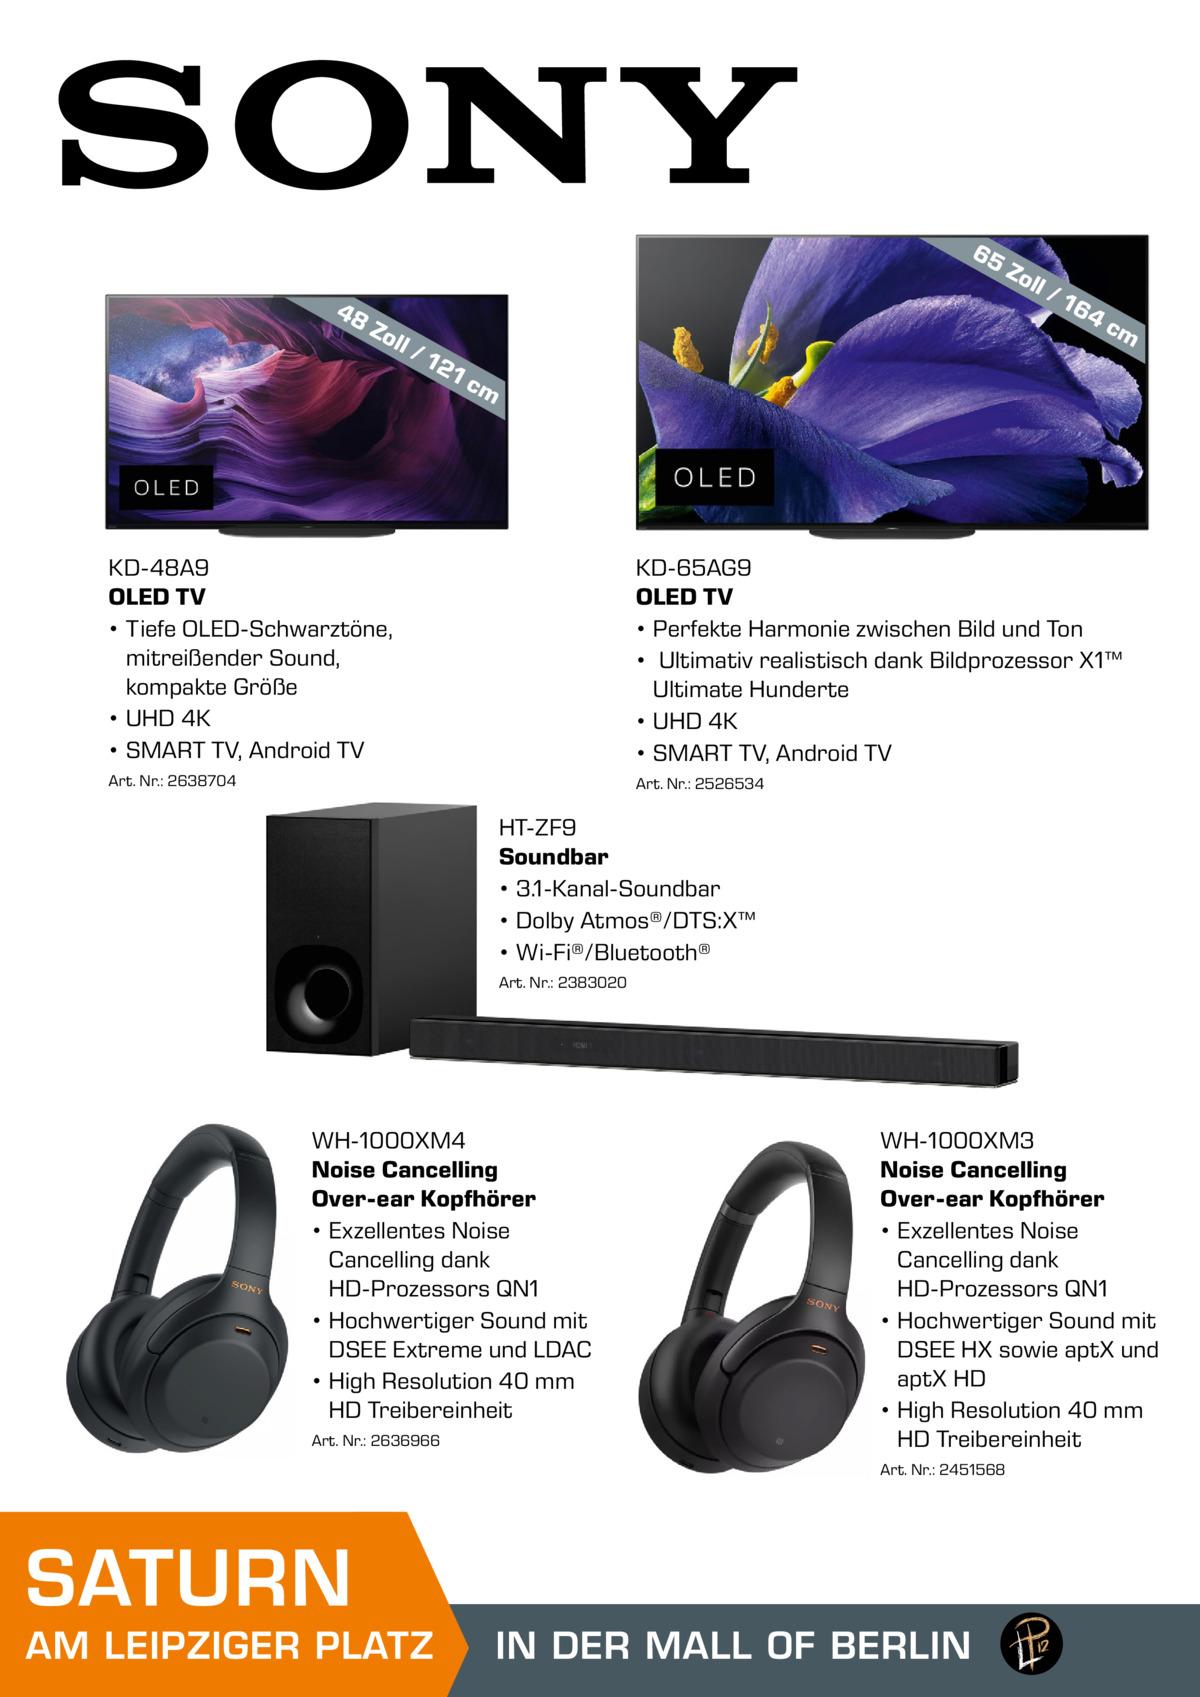 65 48  Zo ll  /1  21  Zo ll  /1  64  cm  cm  KD-48A9 OLED TV • Tiefe OLED-Schwarztöne, mitreißender Sound, kompakte Größe • UHD 4K • SMART TV, Android TV  KD-65AG9 OLED TV • Perfekte Harmonie zwischen Bild und Ton • Ultimativ realistisch dank Bildprozessor X1™ Ultimate Hunderte • UHD 4K • SMART TV, Android TV  Art. Nr.: 2638704  Art. Nr.: 2526534  HT-ZF9 Soundbar • 3.1-Kanal-Soundbar • Dolby Atmos®/DTS:X™ • Wi-Fi®/Bluetooth® Art. Nr.: 2383020  WH-1000XM4 Noise Cancelling Over-ear Kopfhörer • Exzellentes Noise Cancelling dank HD-Prozessors QN1 • Hochwertiger Sound mit DSEE Extreme und LDAC • High Resolution 40mm HD Treibereinheit Art. Nr.: 2636966  WH-1000XM3 Noise Cancelling Over-ear Kopfhörer • Exzellentes Noise Cancelling dank HD-Prozessors QN1 • Hochwertiger Sound mit DSEE HX sowie aptX und aptX HD • High Resolution 40mm HD Treibereinheit Art. Nr.: 2451568  SATURN  AM LEIPZIGER PLATZ  IN DER MALL OF BERLIN MALL OF BERLIN